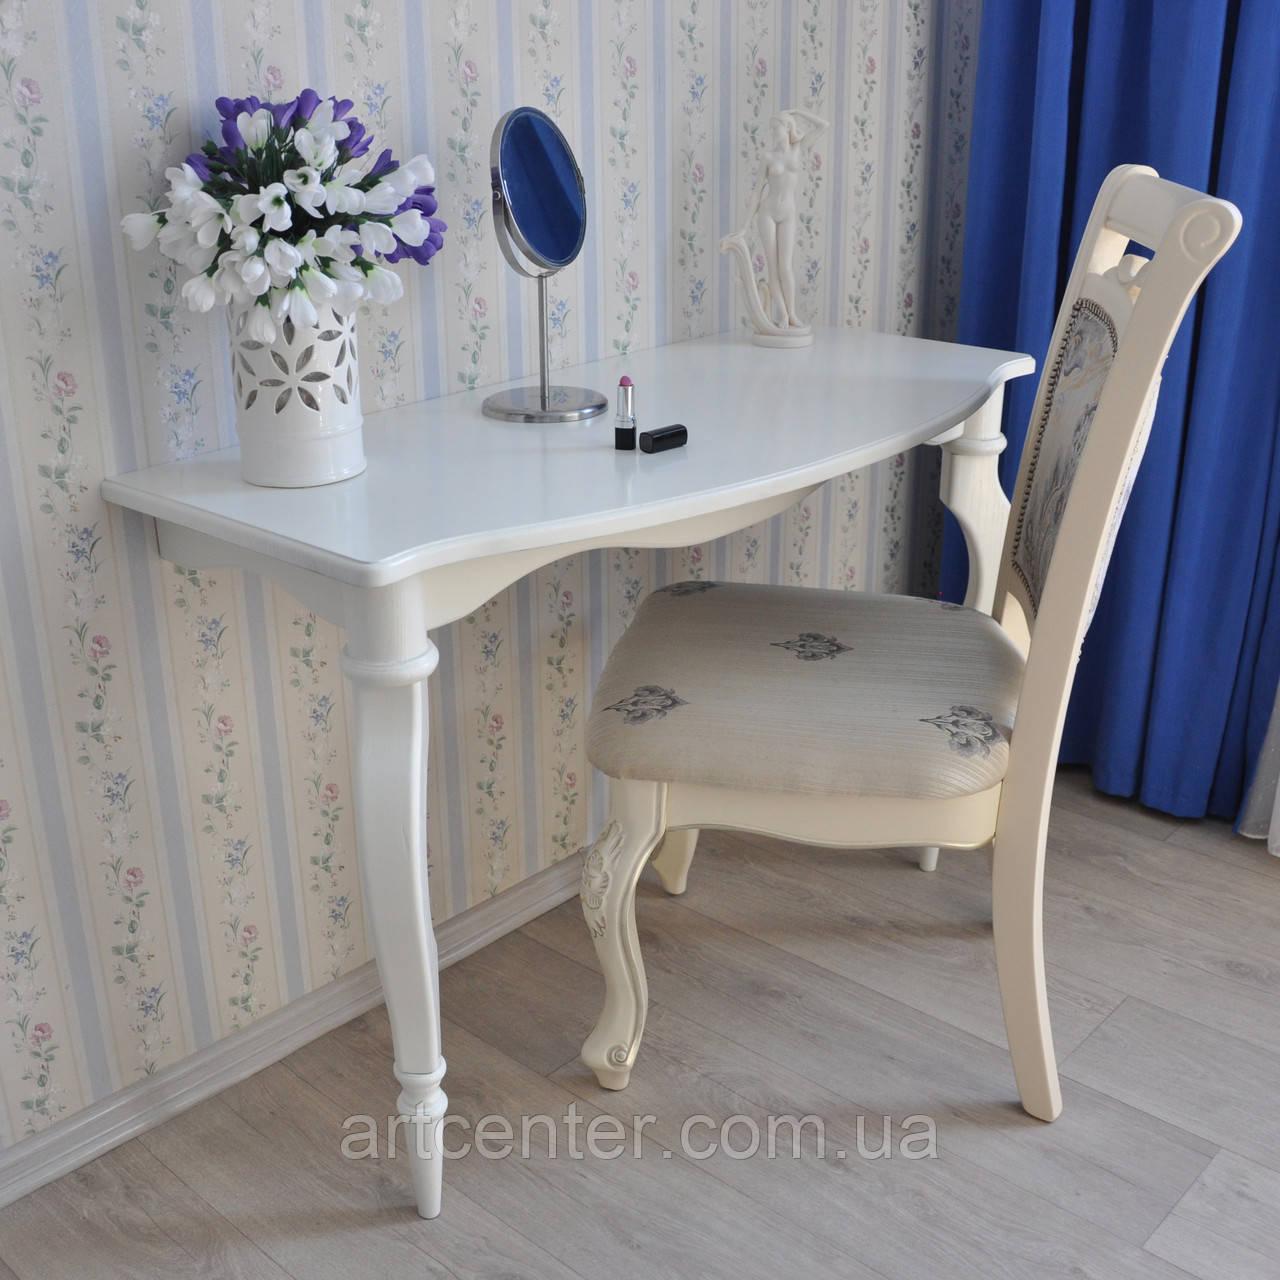 """Приставний столик на точених ніжках, консоль """"Прованс"""", білий"""